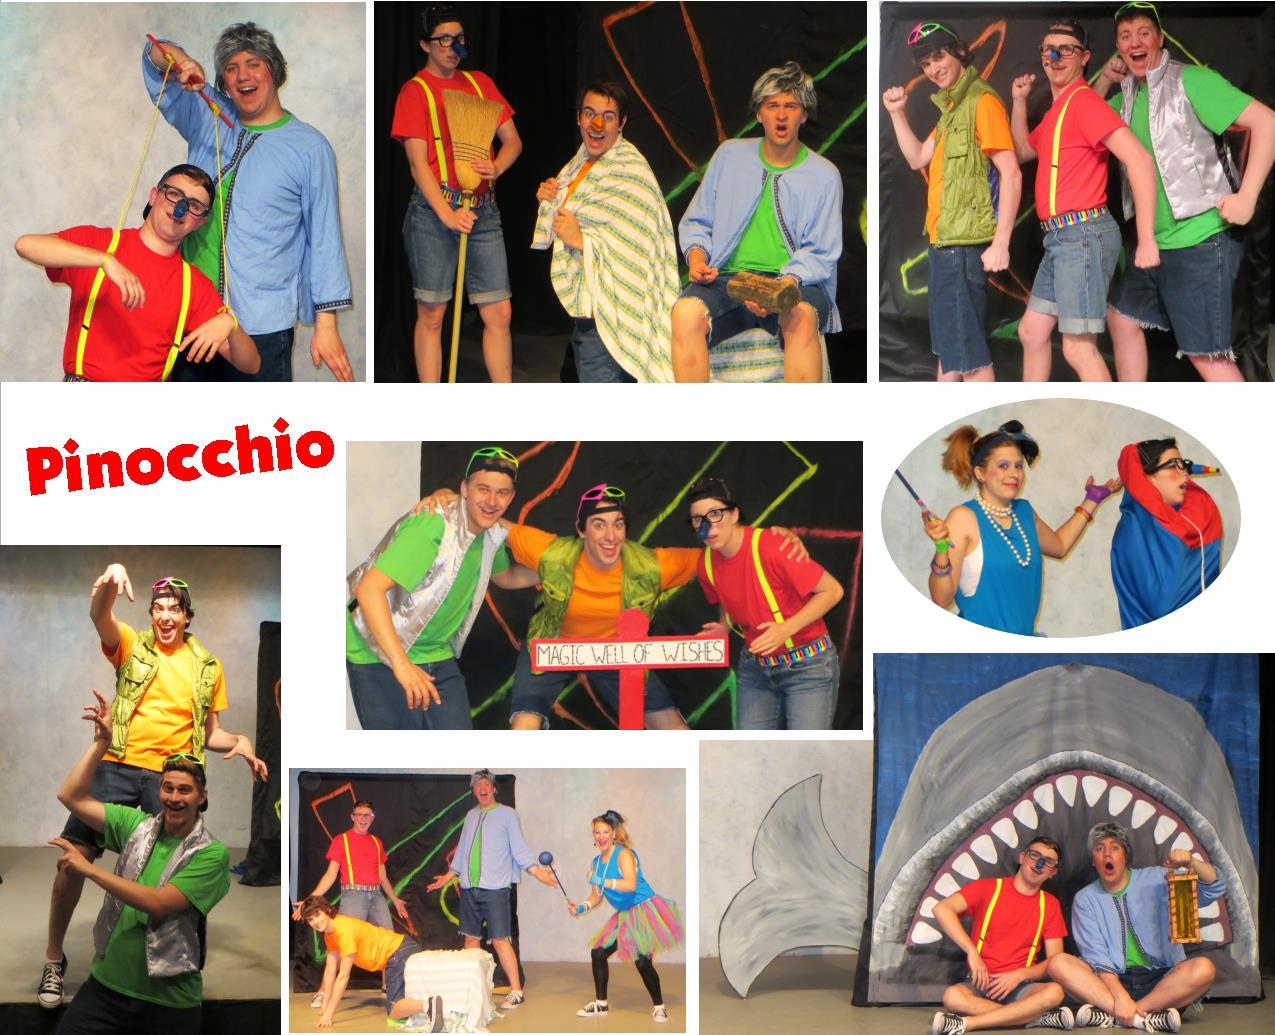 2013 Pinocchio